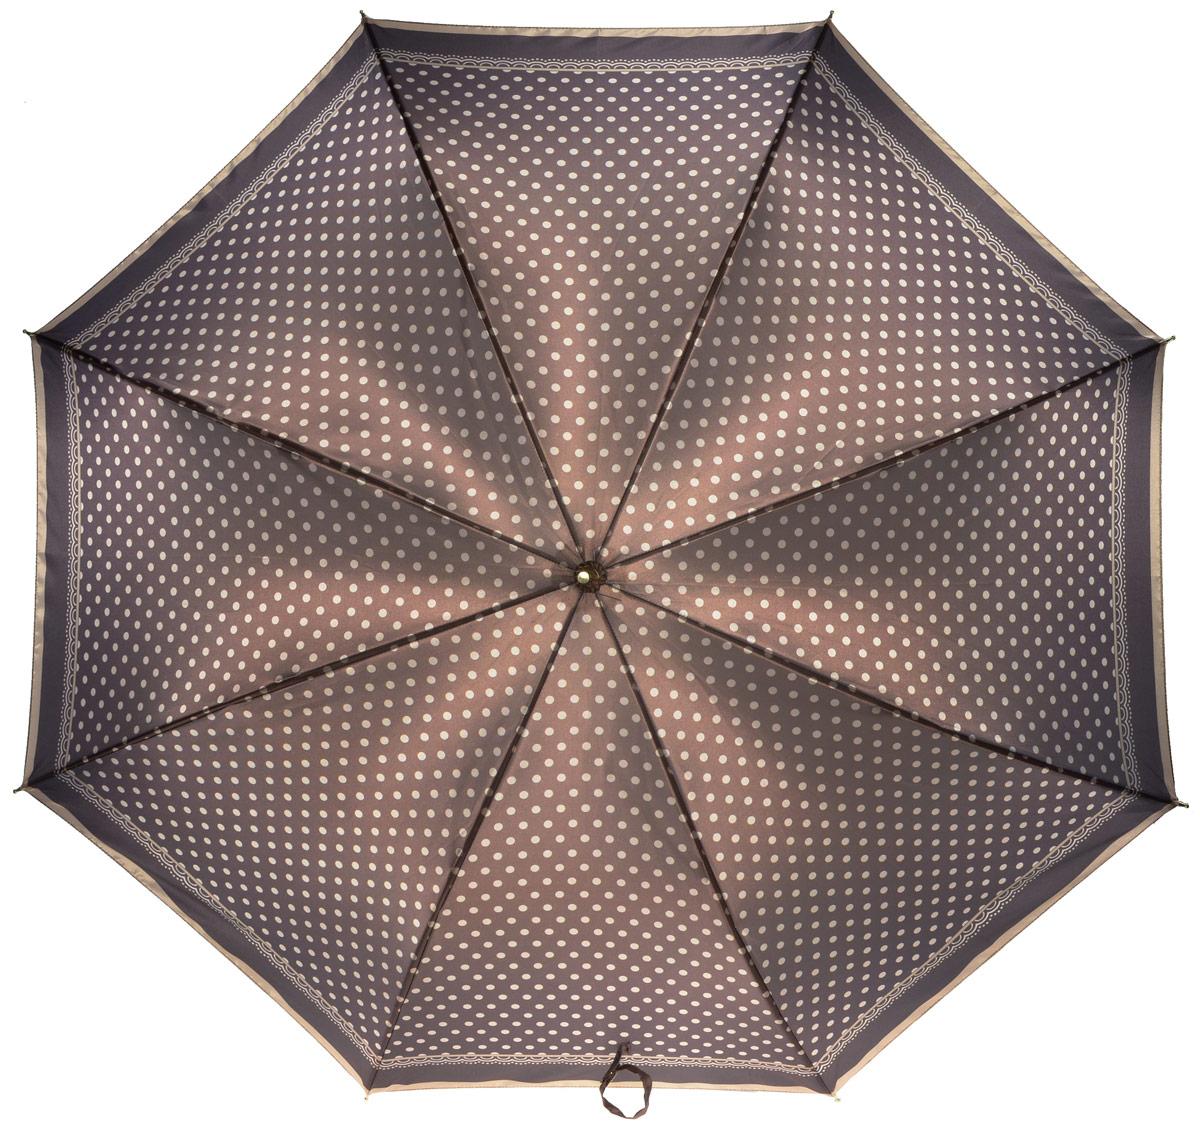 Зонт-трость женский Fabretti, механика, цвет: мультиколор. 1611Серьги с подвескамиЖенский зонт-трость от итальянского бренда Fabretti. Конструкция модели - механика. Эксклюзивный дизайнерский принт зонта сделает вас неотразимыми в любую непогоду. Материал купола - полиэстер. Он невероятно изящен, приятен на ощупь, обладает высокой прочностью, а также устойчив к выцветанию. Эргономичная ручка сделана из высококачественного пластика.